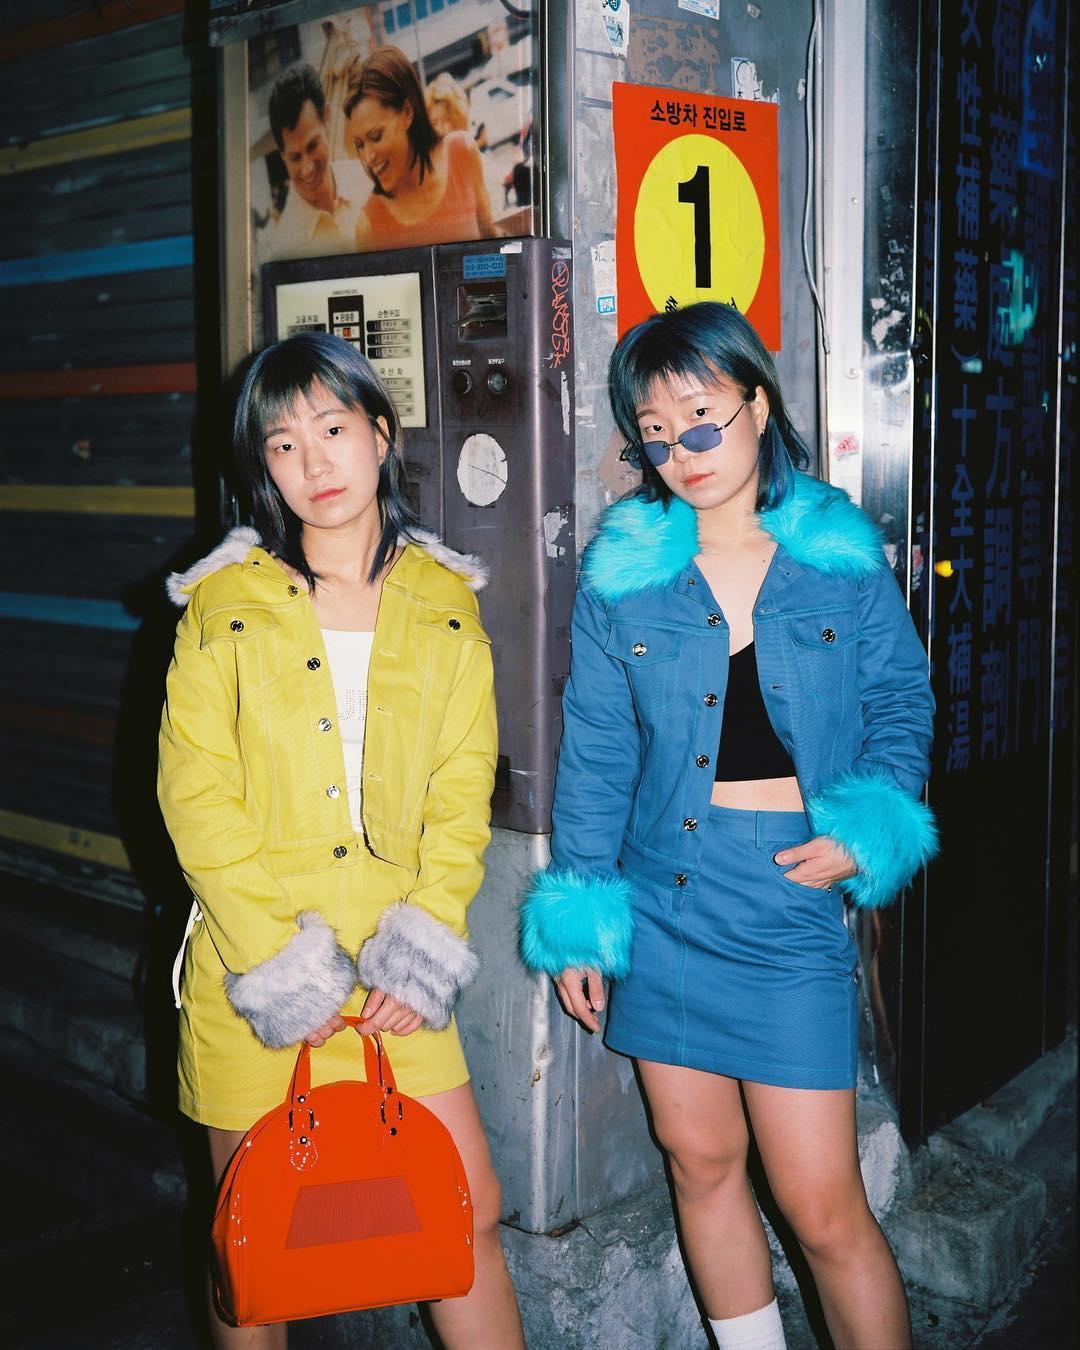 Phong cách thời trang trẻ của chị em sinh đôi 12